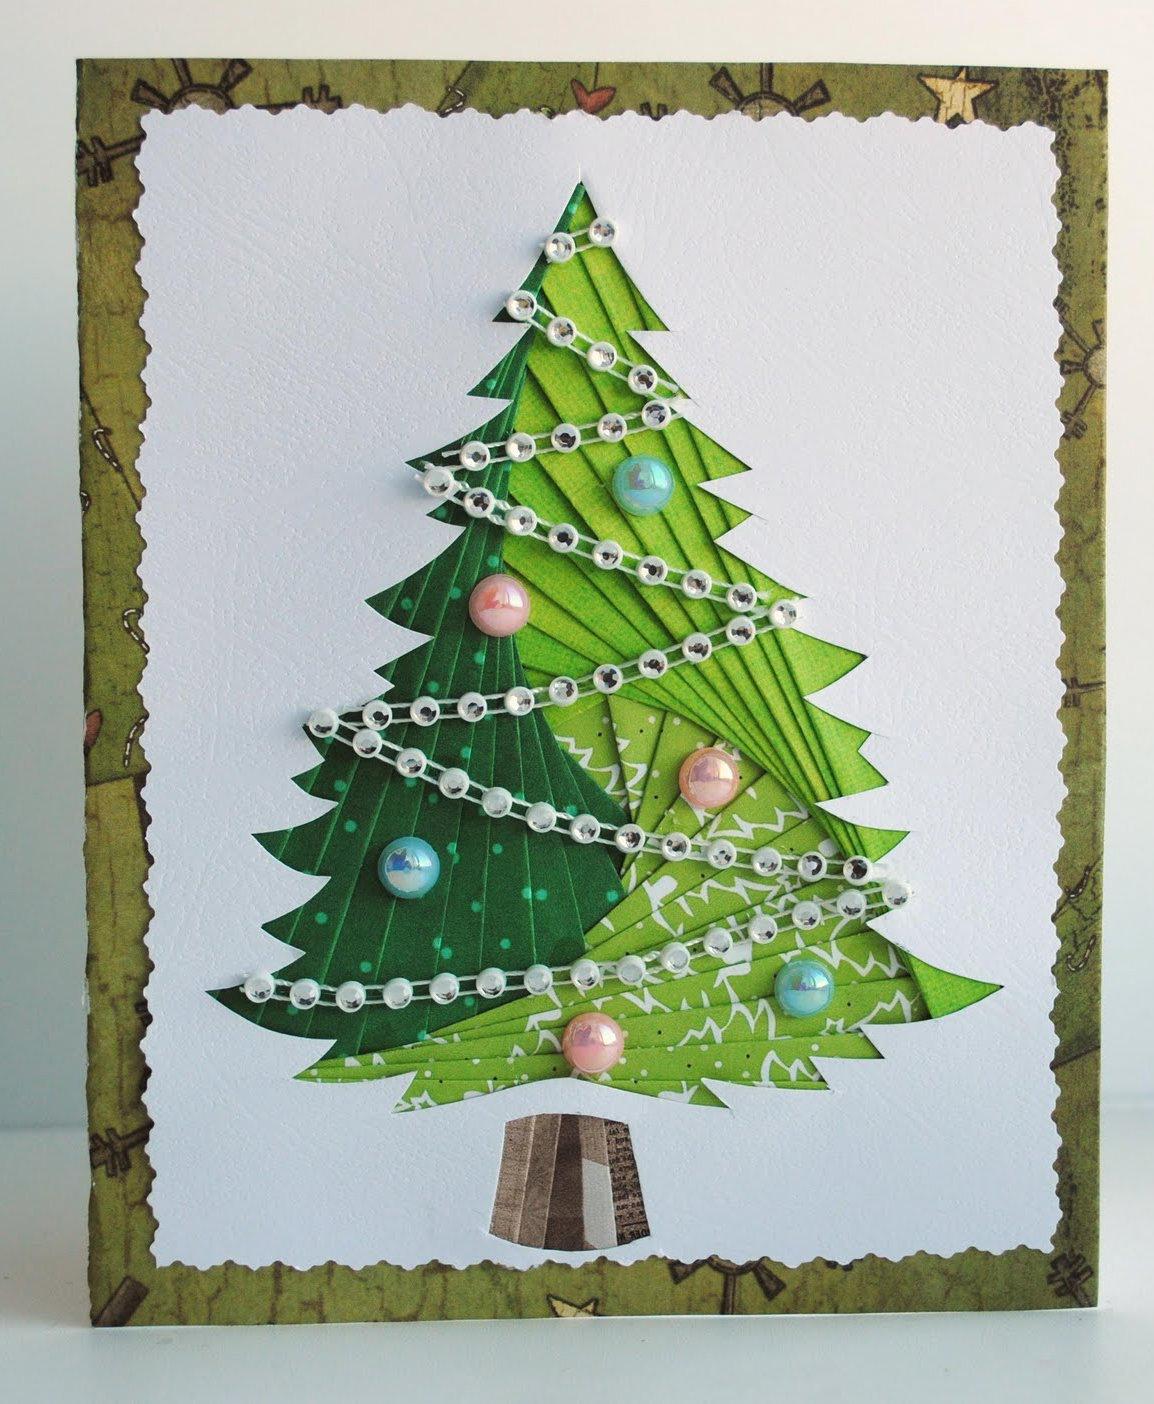 открытки в виде елочки на новый год артиста